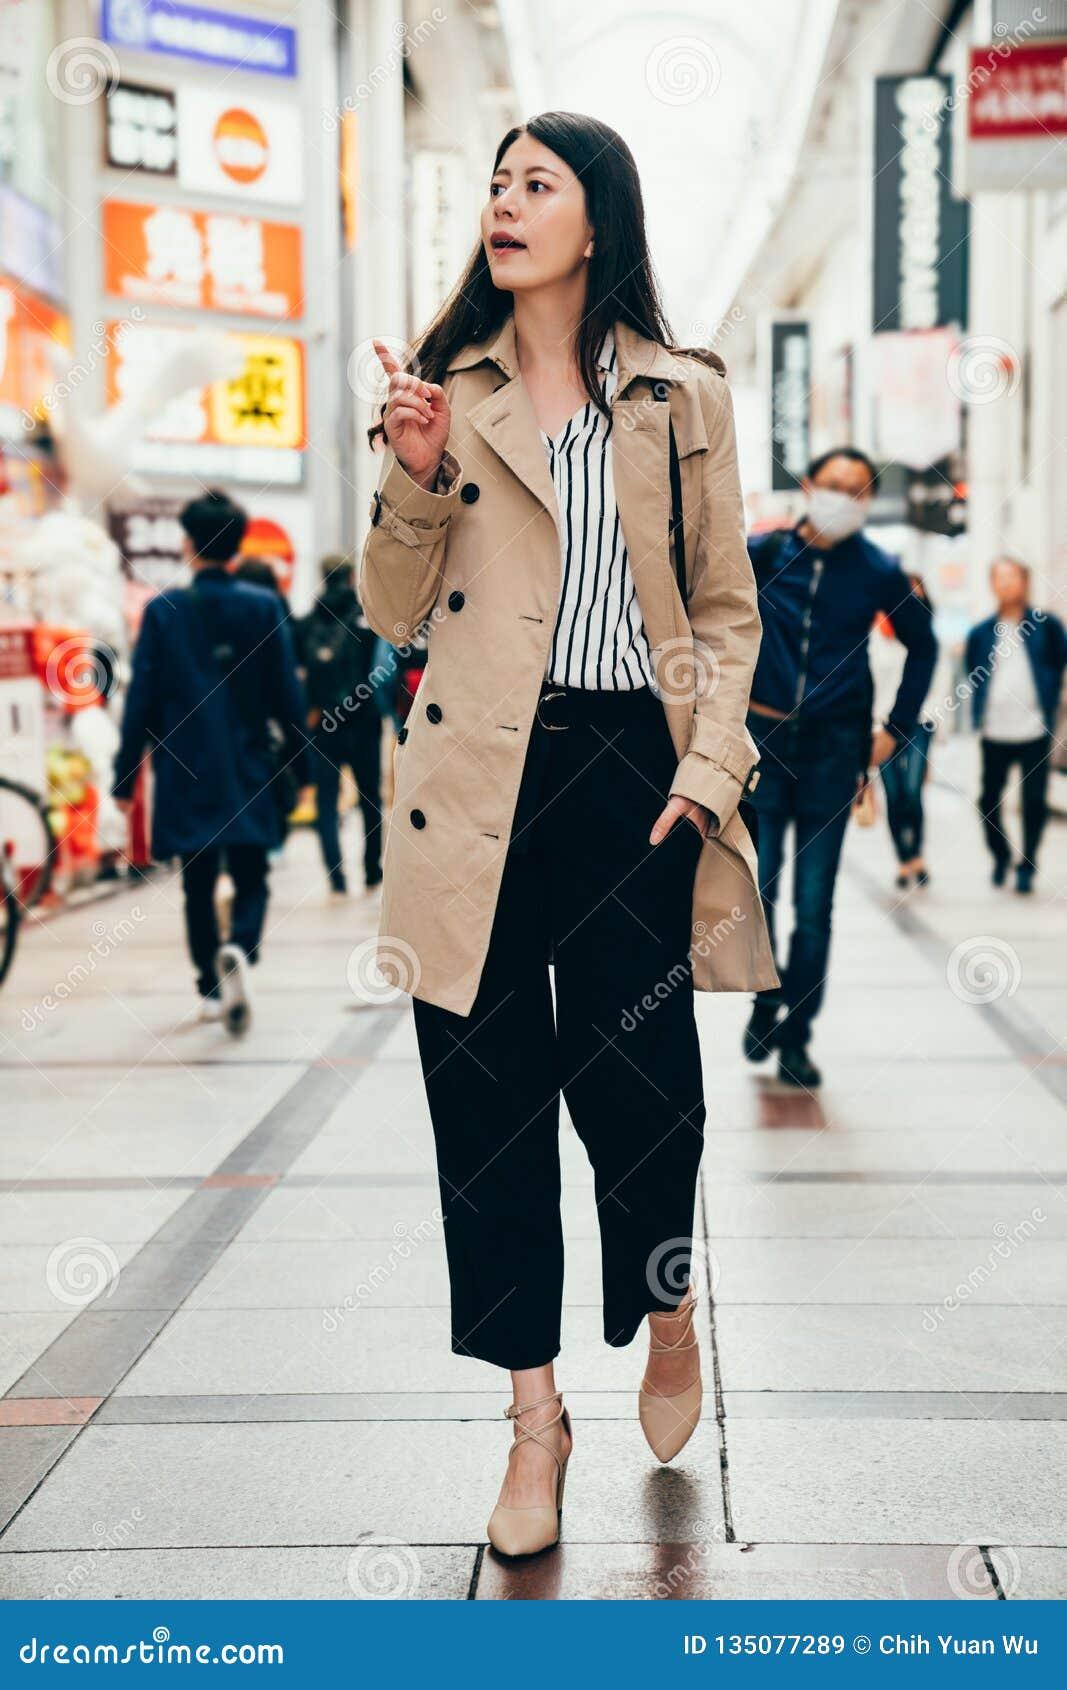 Woman in smart casual suit walking joyful